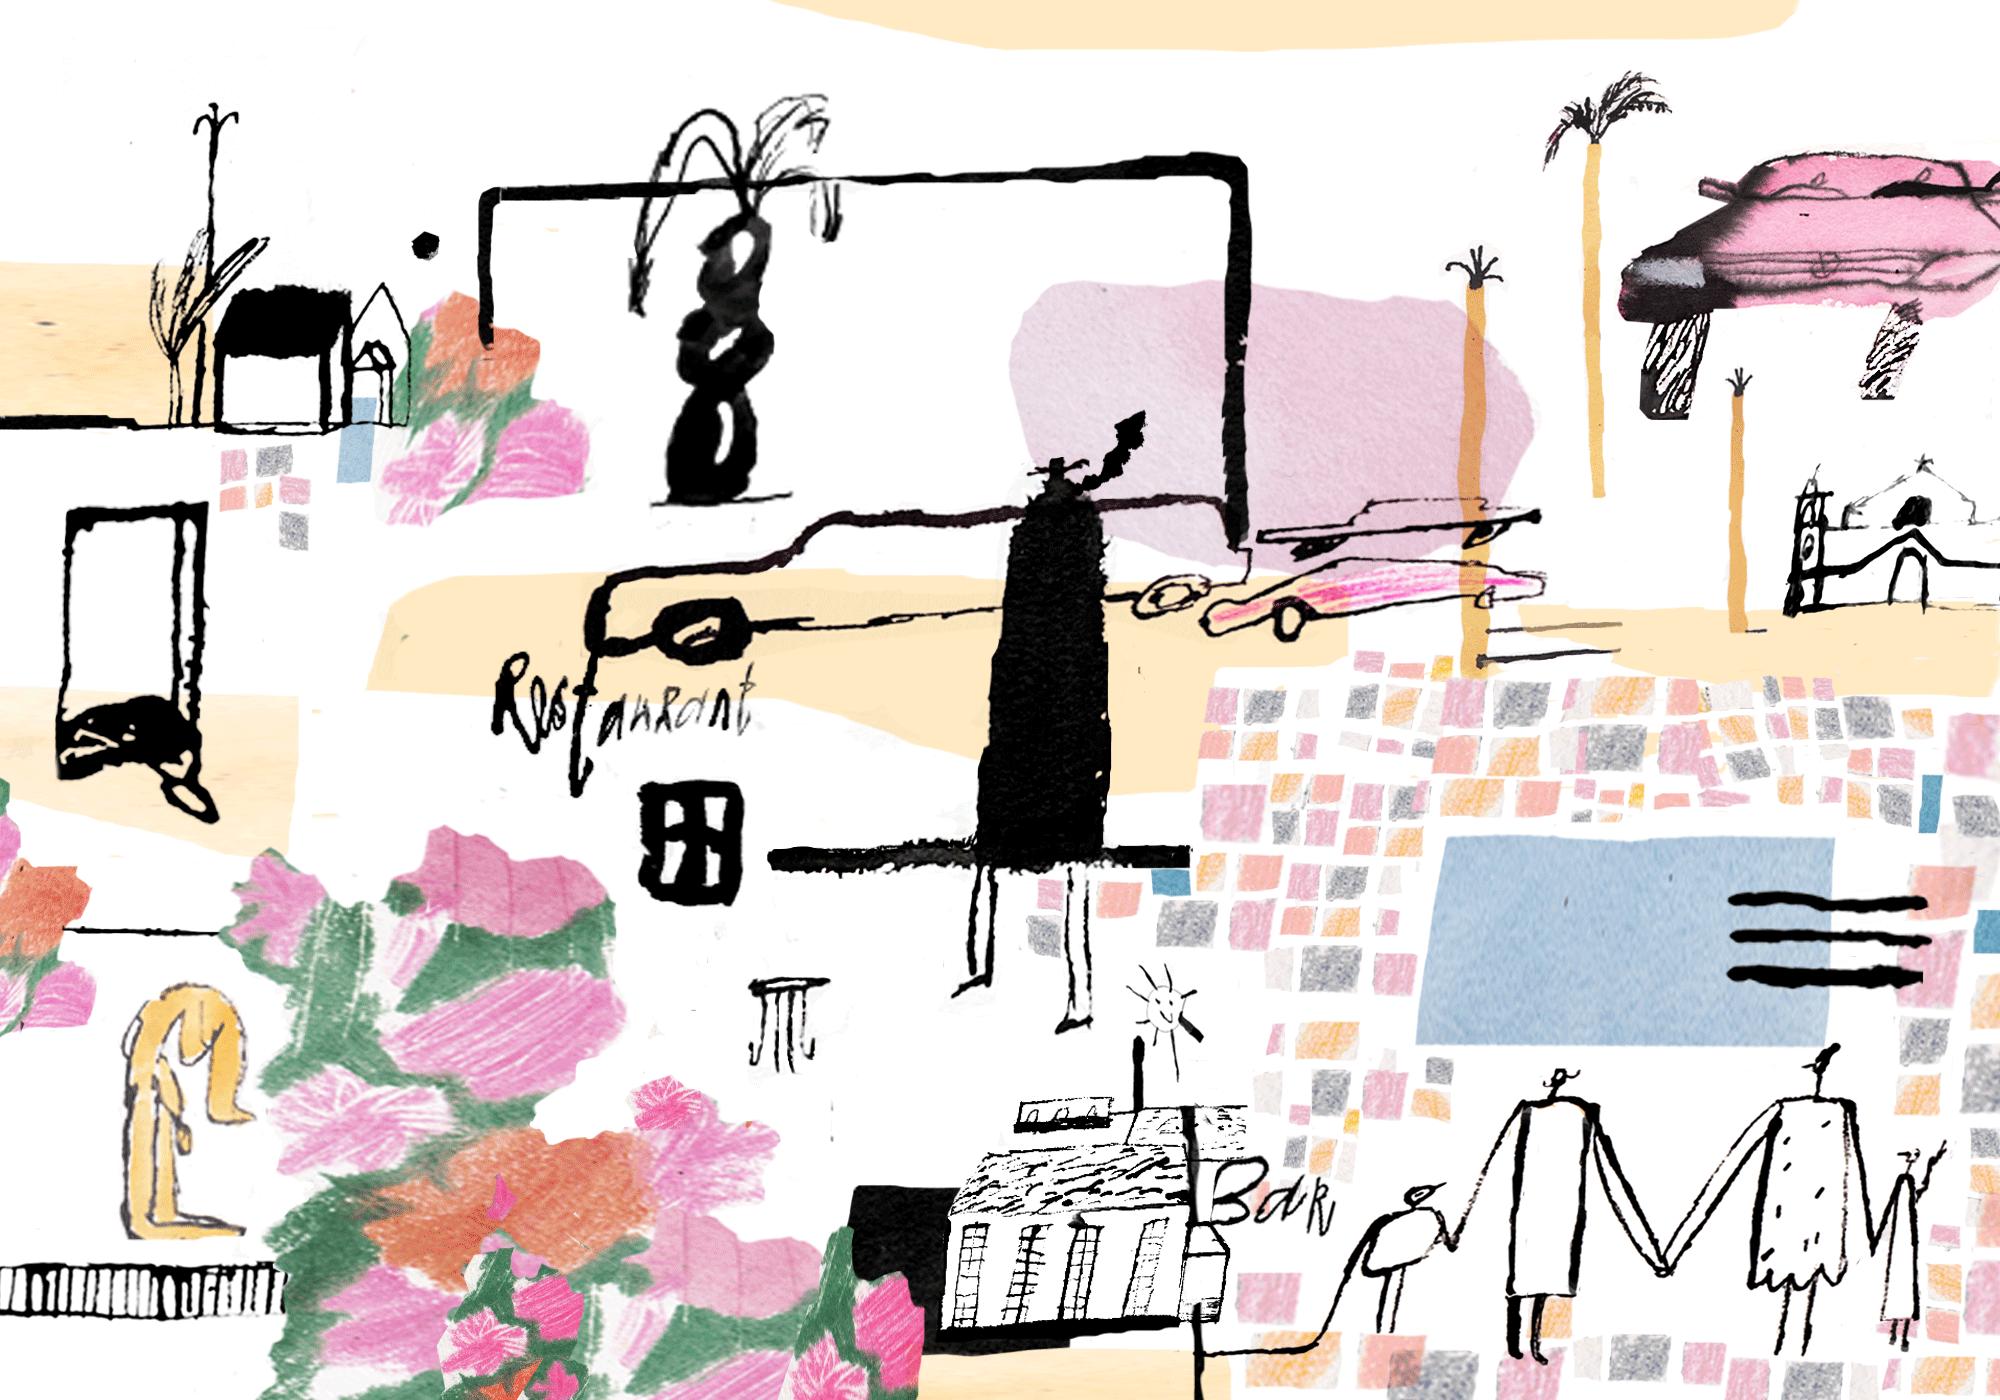 Жена голая ходит по двору особняка что видно соседям лижет пизду жене